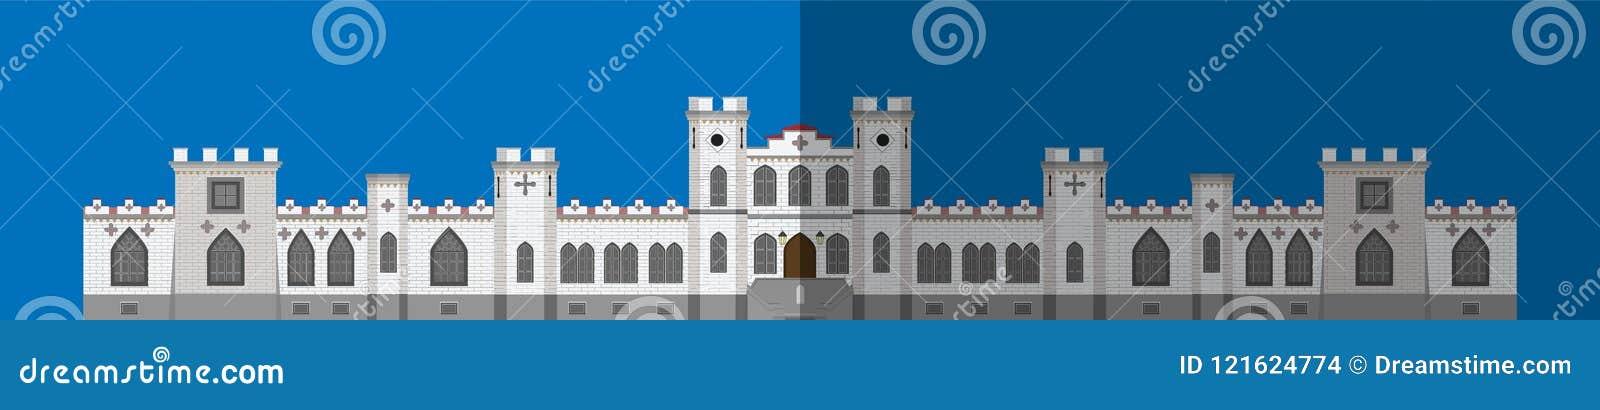 Pałac ikona Płaski wizerunek, frontowy budynek